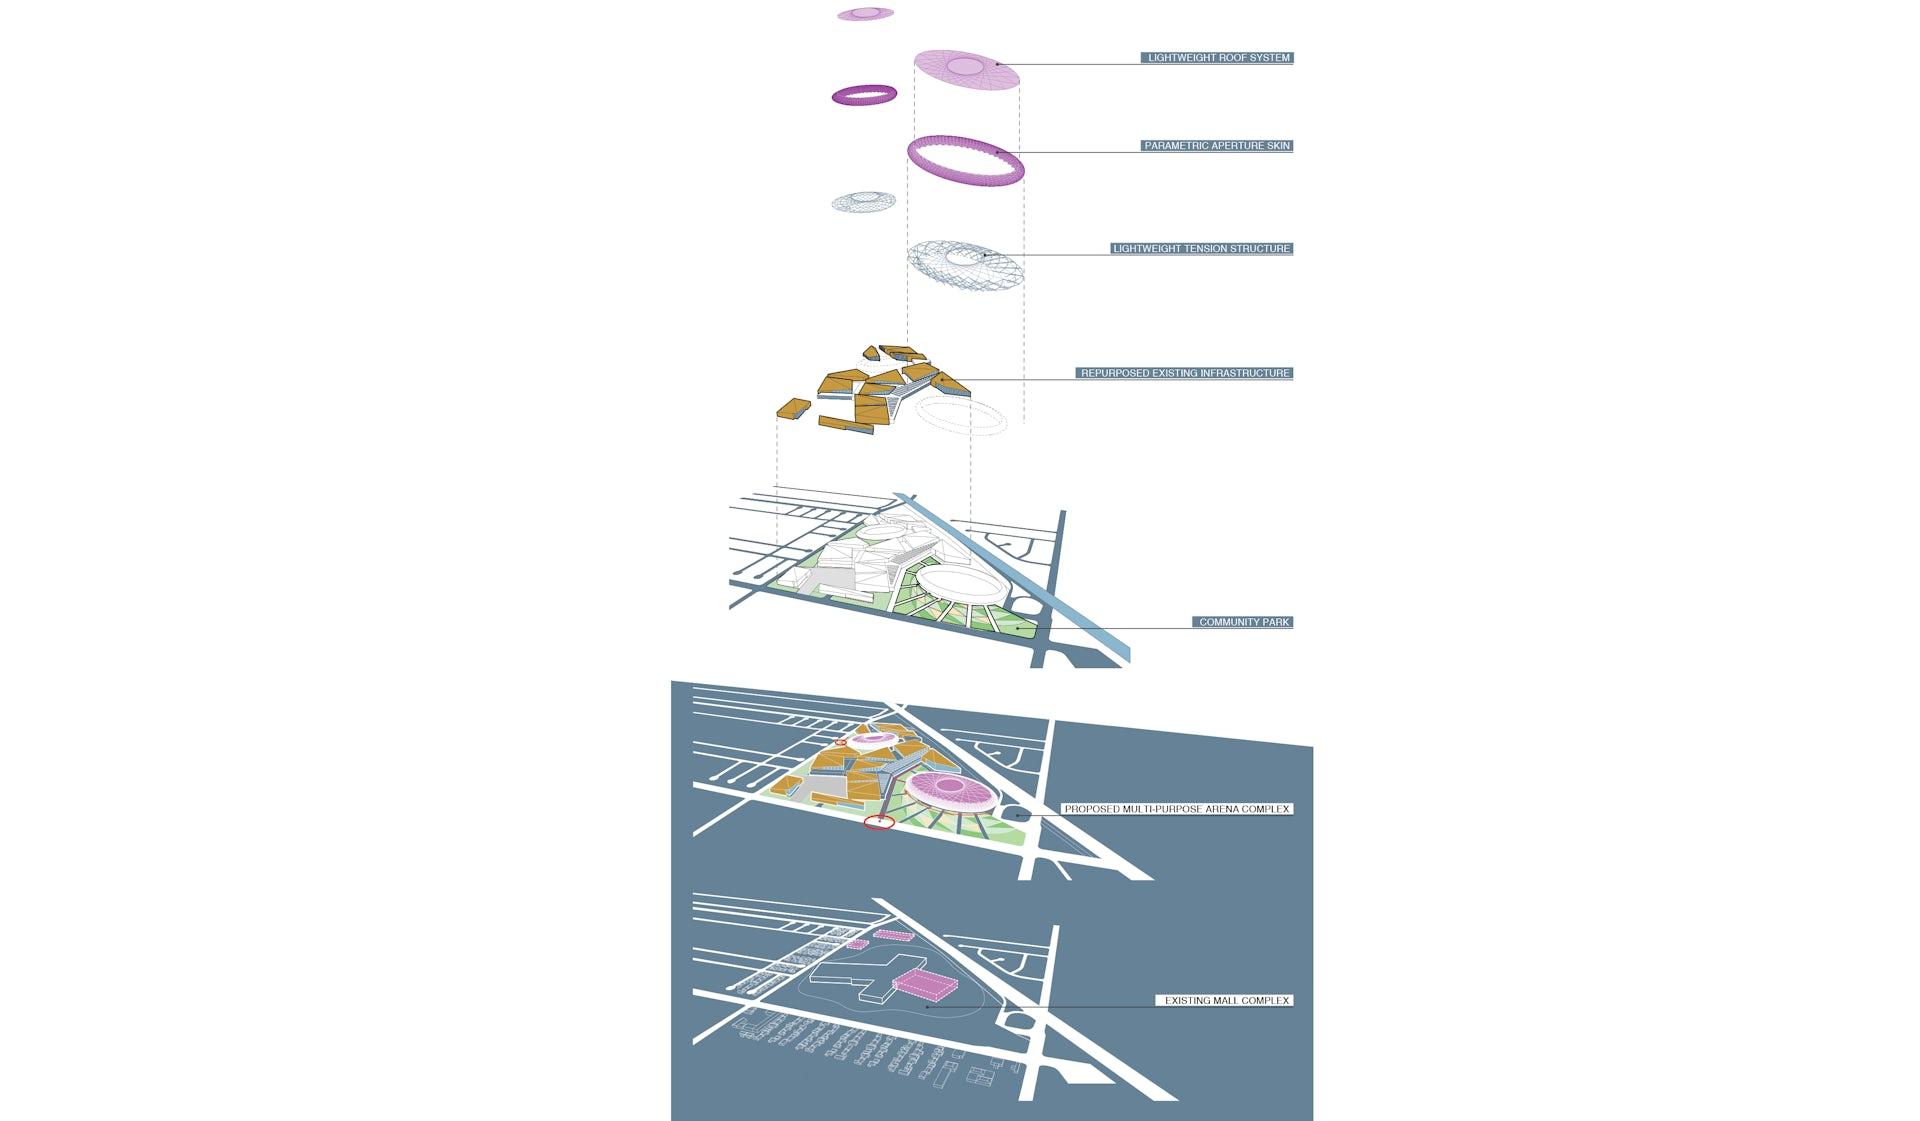 E Sports Diagram 2